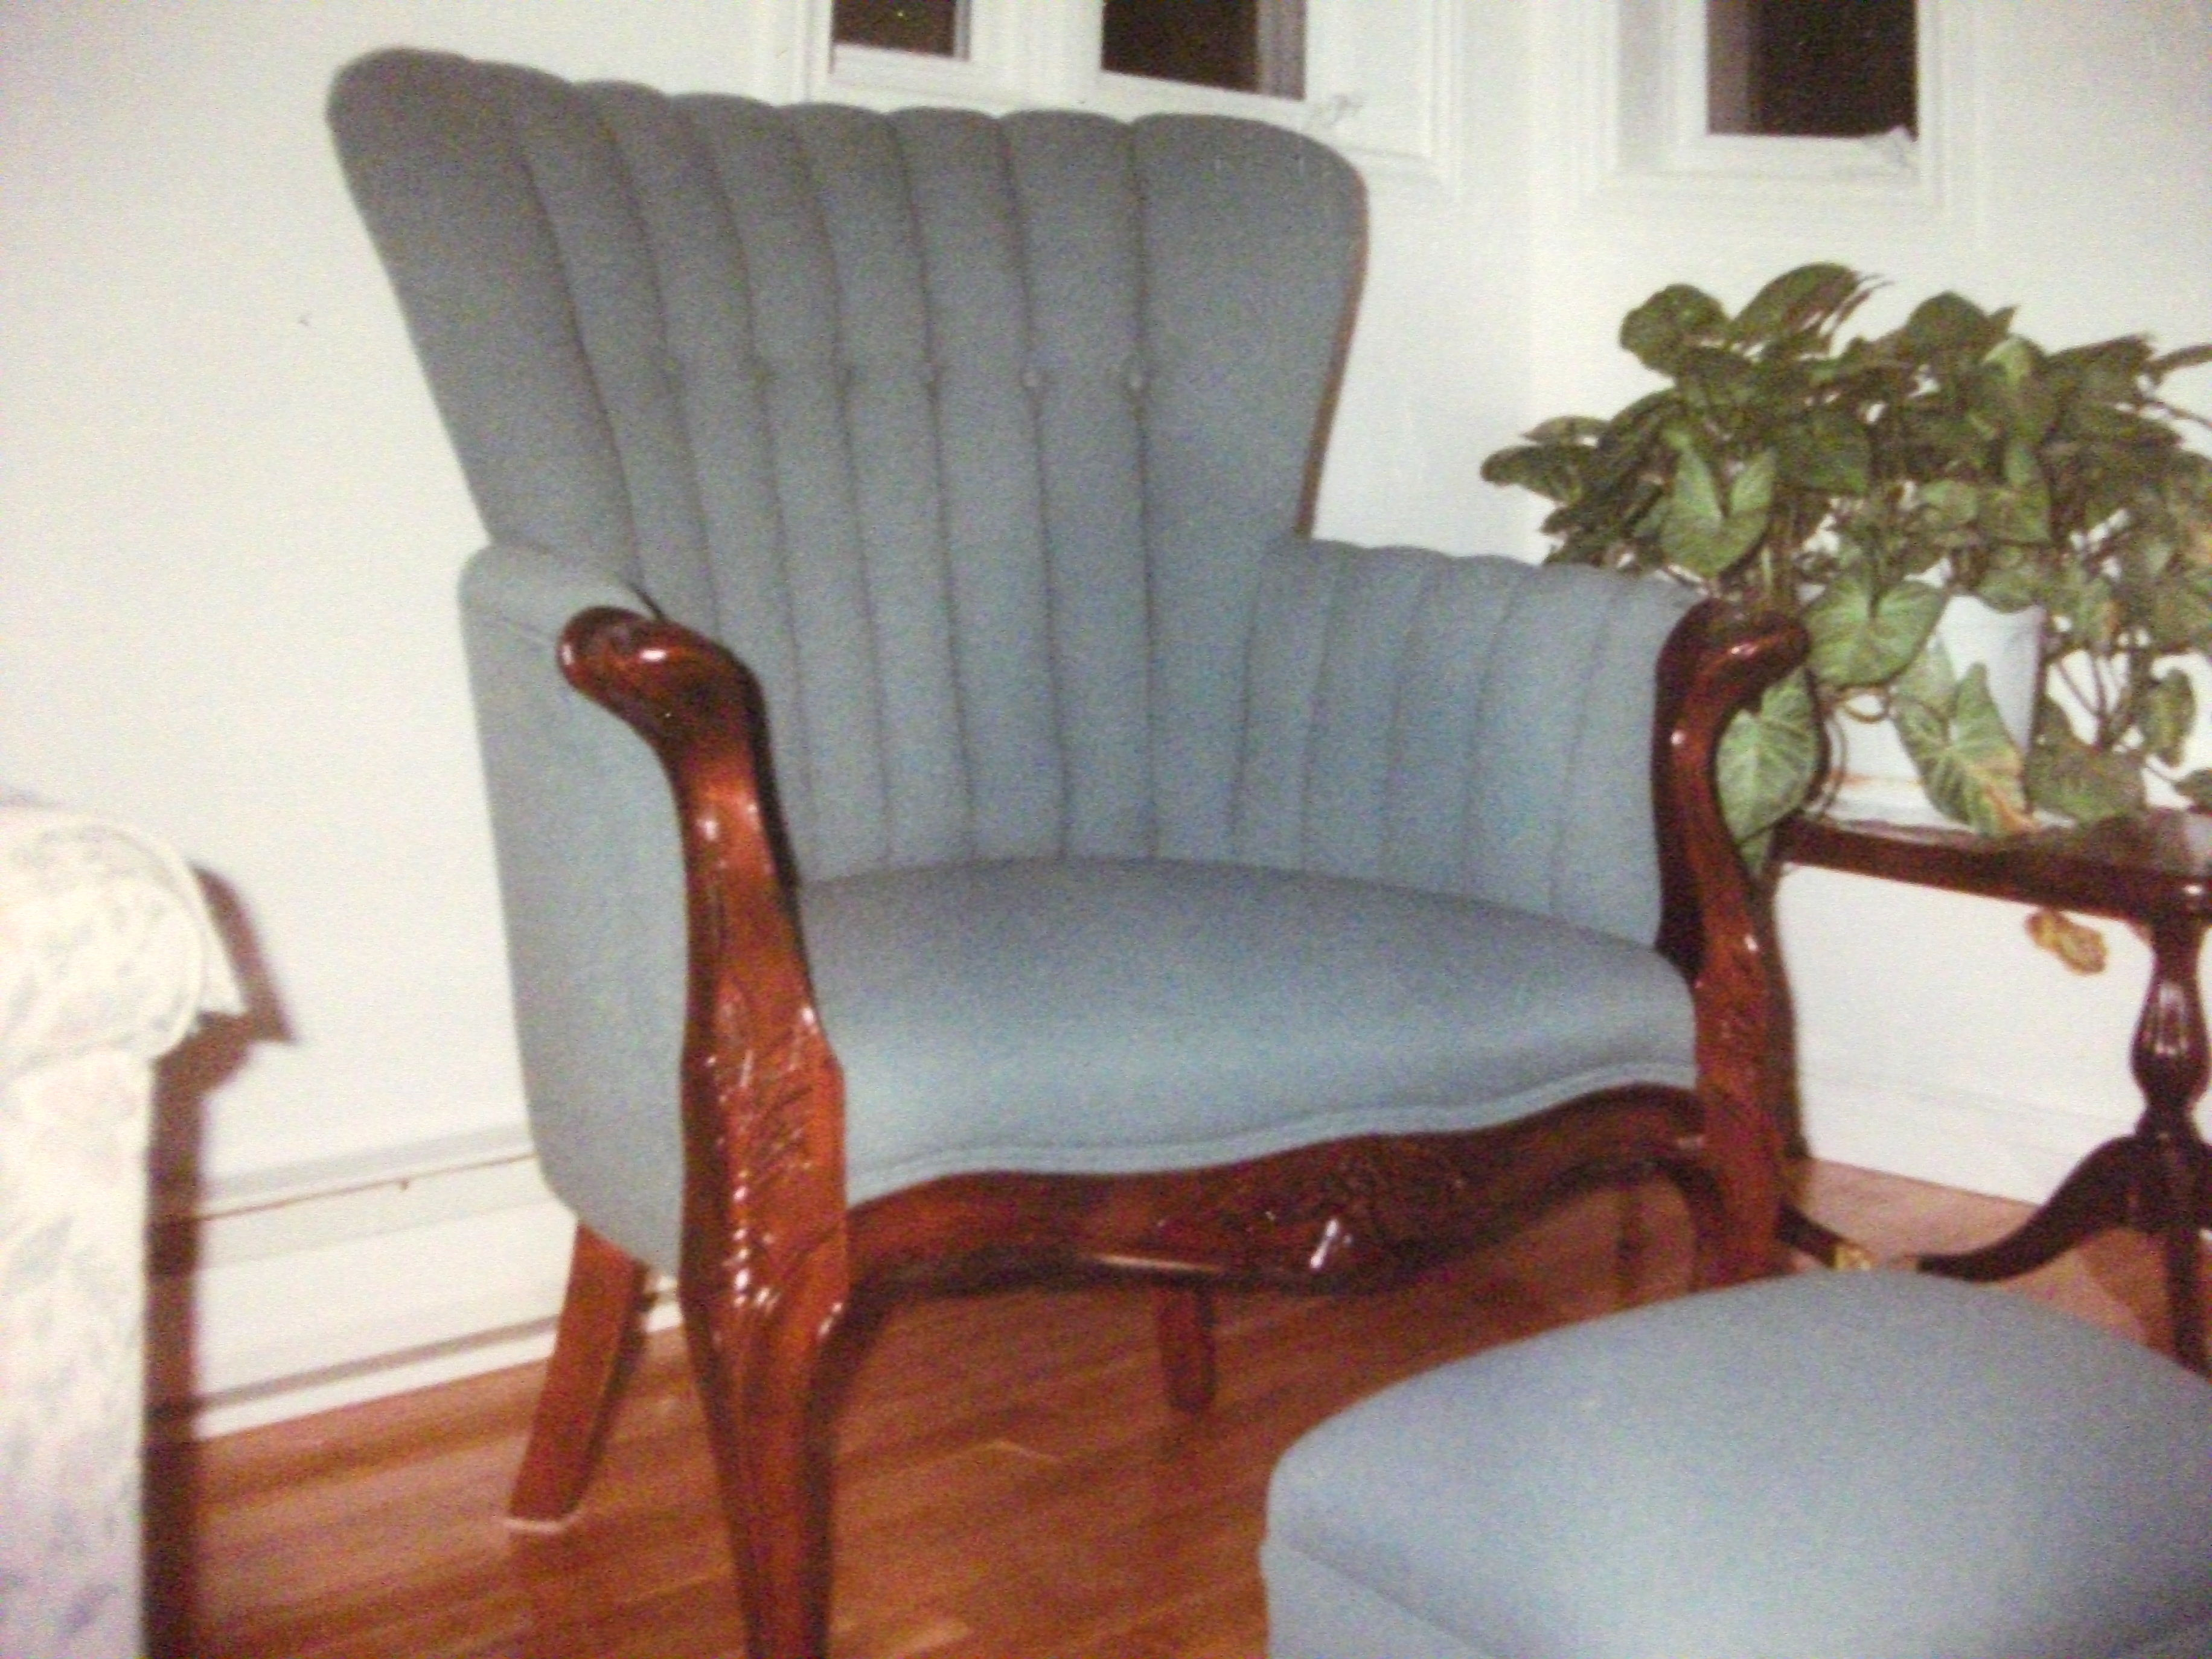 Rembourreur marc gillis rembourrage de meubles antiques for Ameublement rive sud